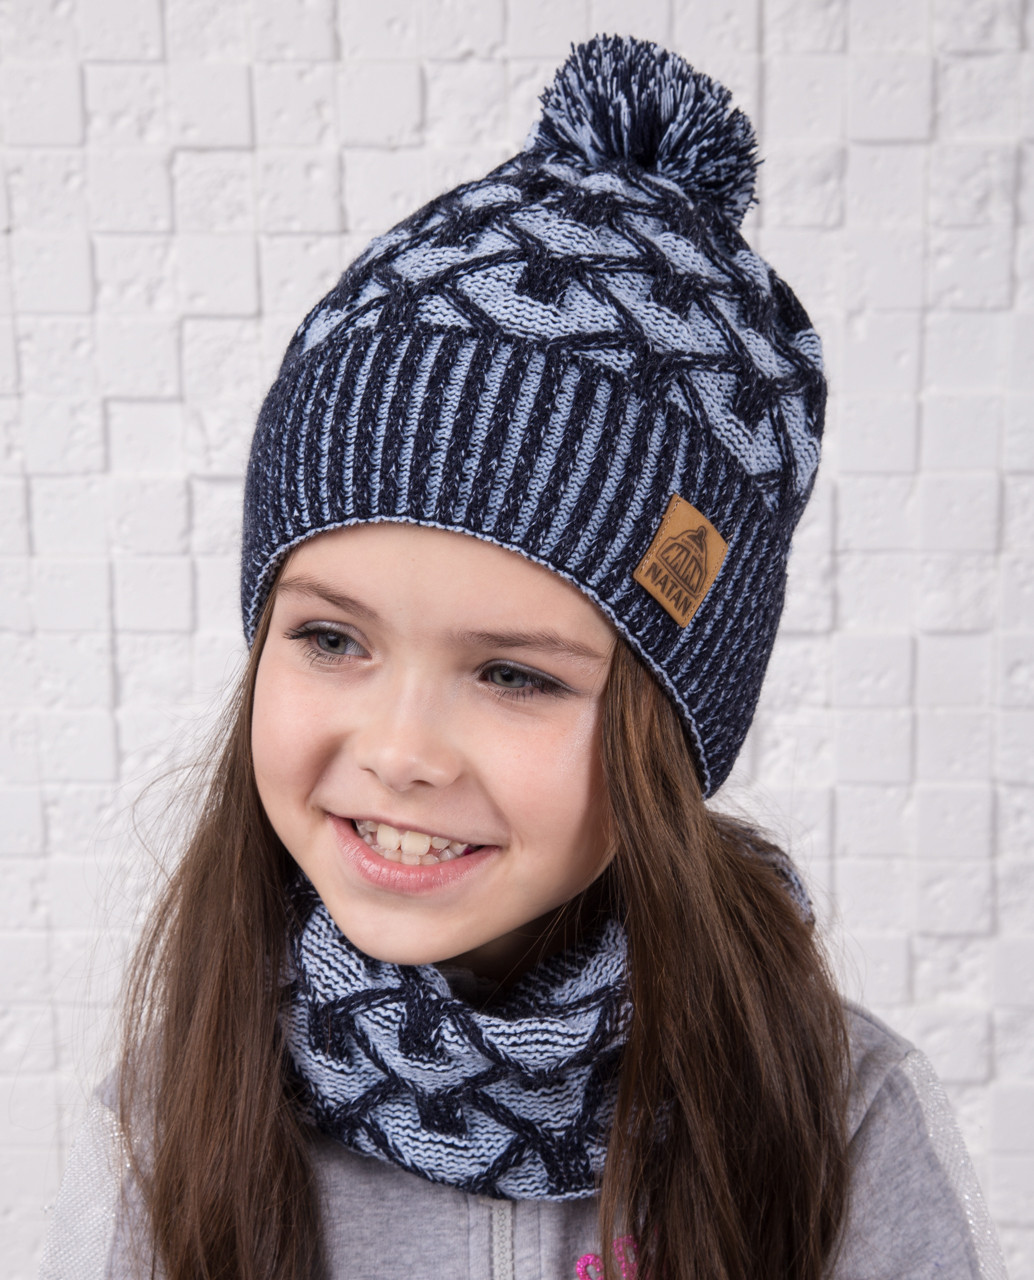 Теплый вязанный комплект для девочки (шапка с помпоном и хомут) - Артикул #26